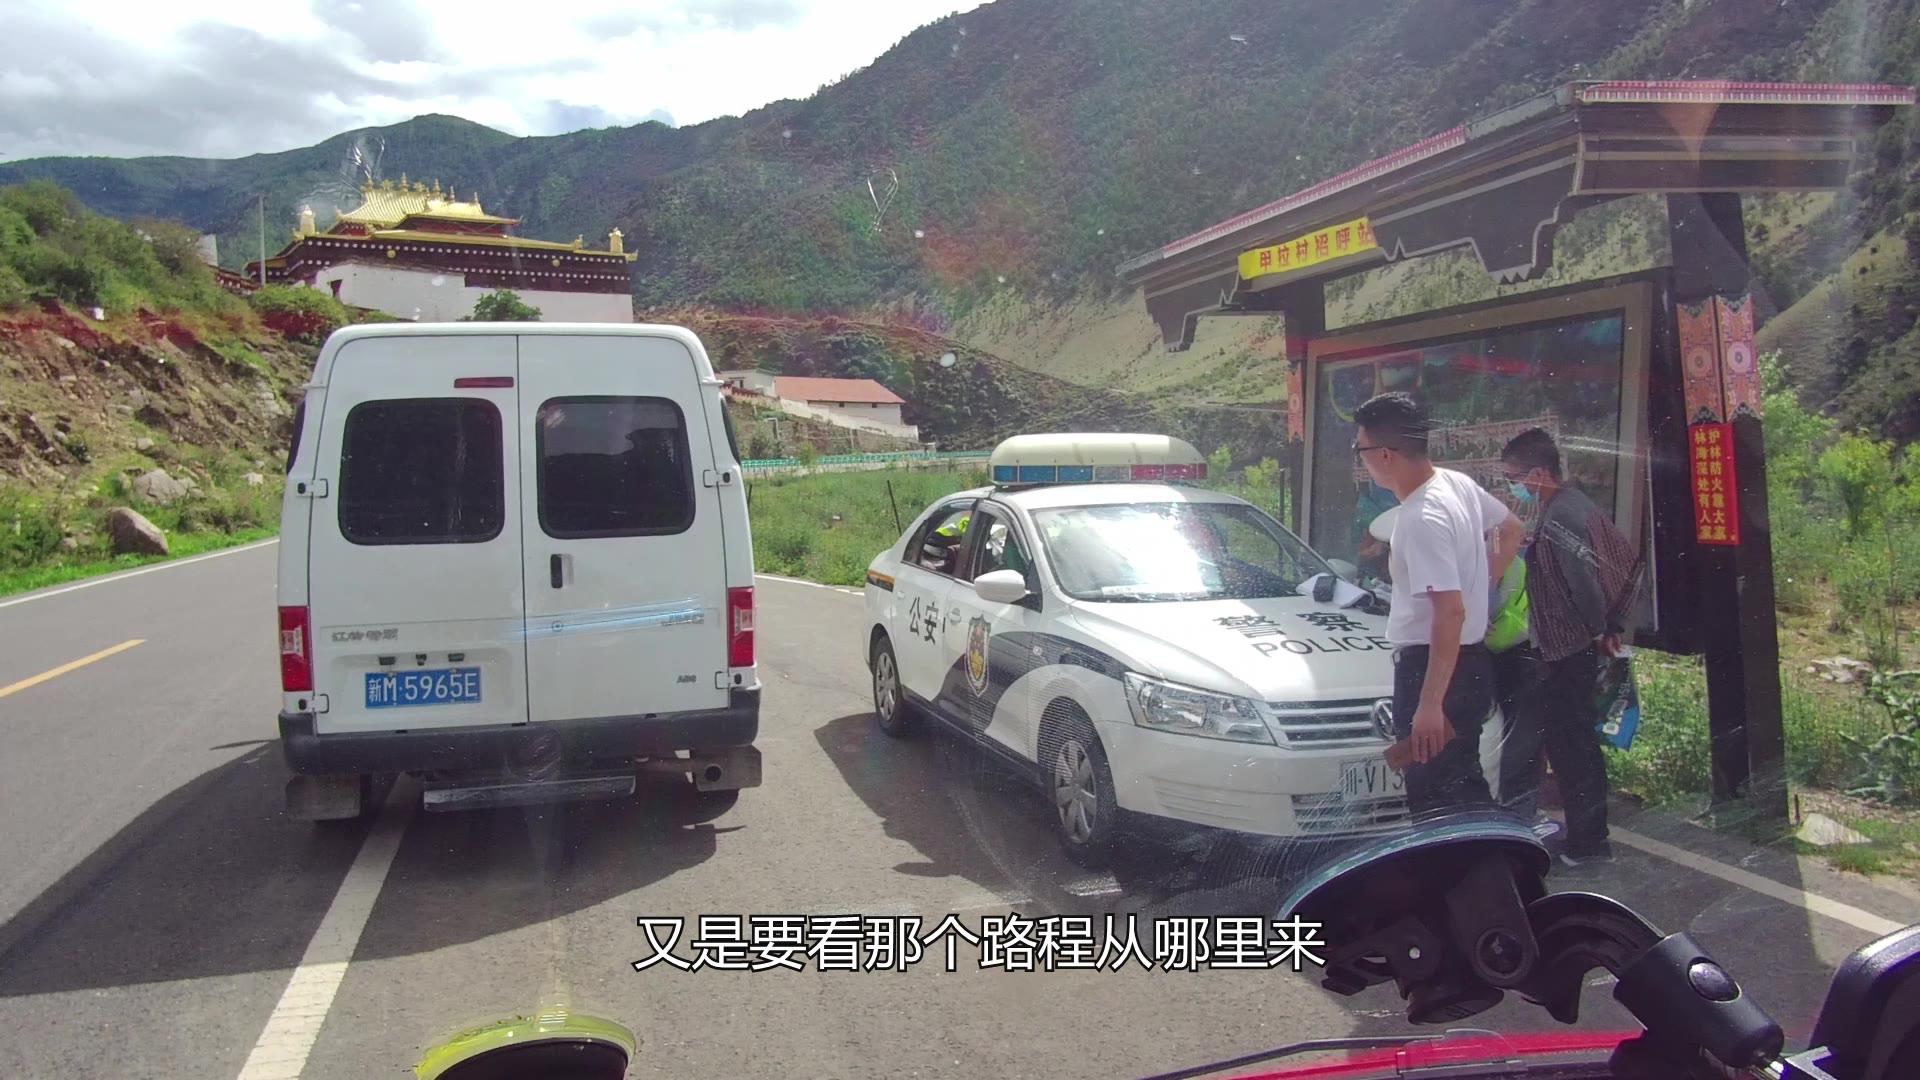 自驾游经过稻城被交警拦下,小伙被吓坏了,只能乖乖配合